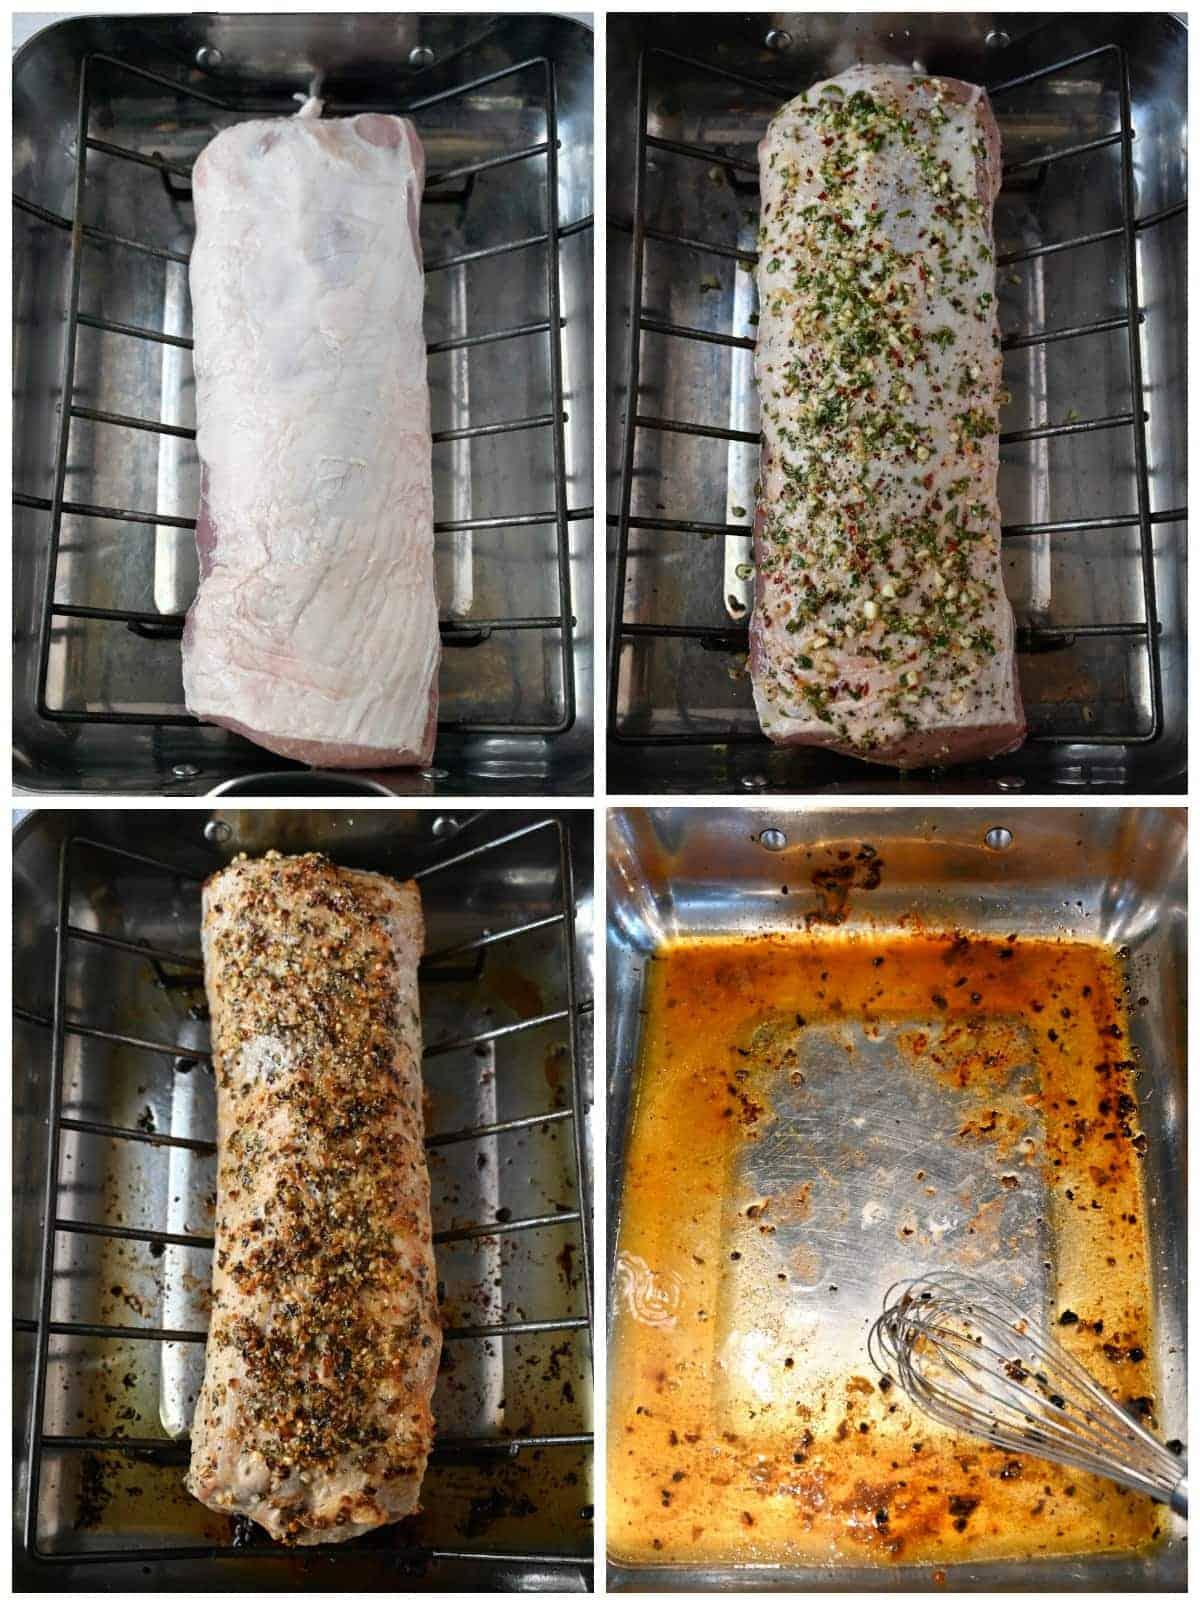 Patru fotografii ale procesului.  Mai întâi, prăjiți cozonacul crud pe o grătar într-un vas de copt.  În al doilea rând, coapsă de porc pe un rah într-o tigaie de prăjit cu amestecul său frecat peste tot.  În al patrulea rând, coapsele de porc pe un raft într-o tigaie de prăjit iau cina și scot din cuptor.  În al patrulea rând, cozonacul de porc și grătarul scos din tigaie.  Tigaia de prăjit conține sucul din friptura rămasă în tigaie.